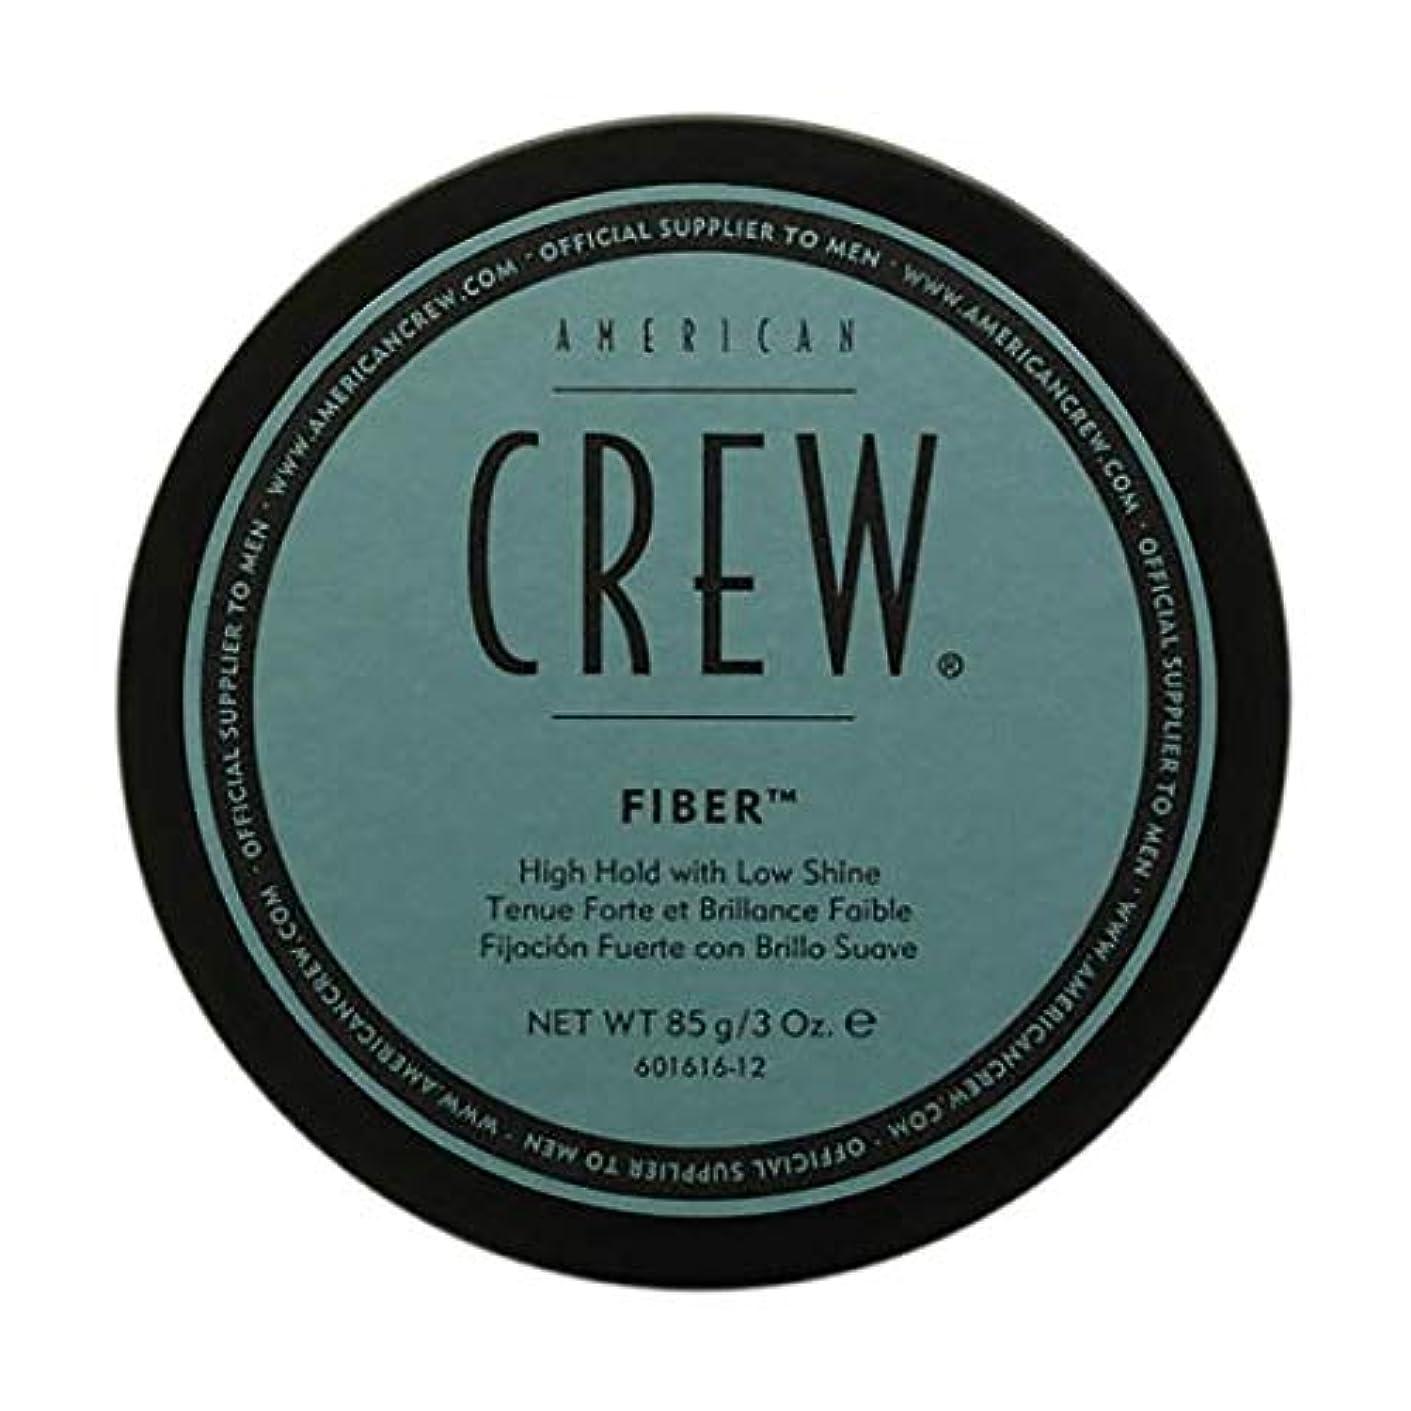 エンジンクレタ言及するアメリカンクルー クラシック ファイバー American Crew Fiber 85g [並行輸入品]